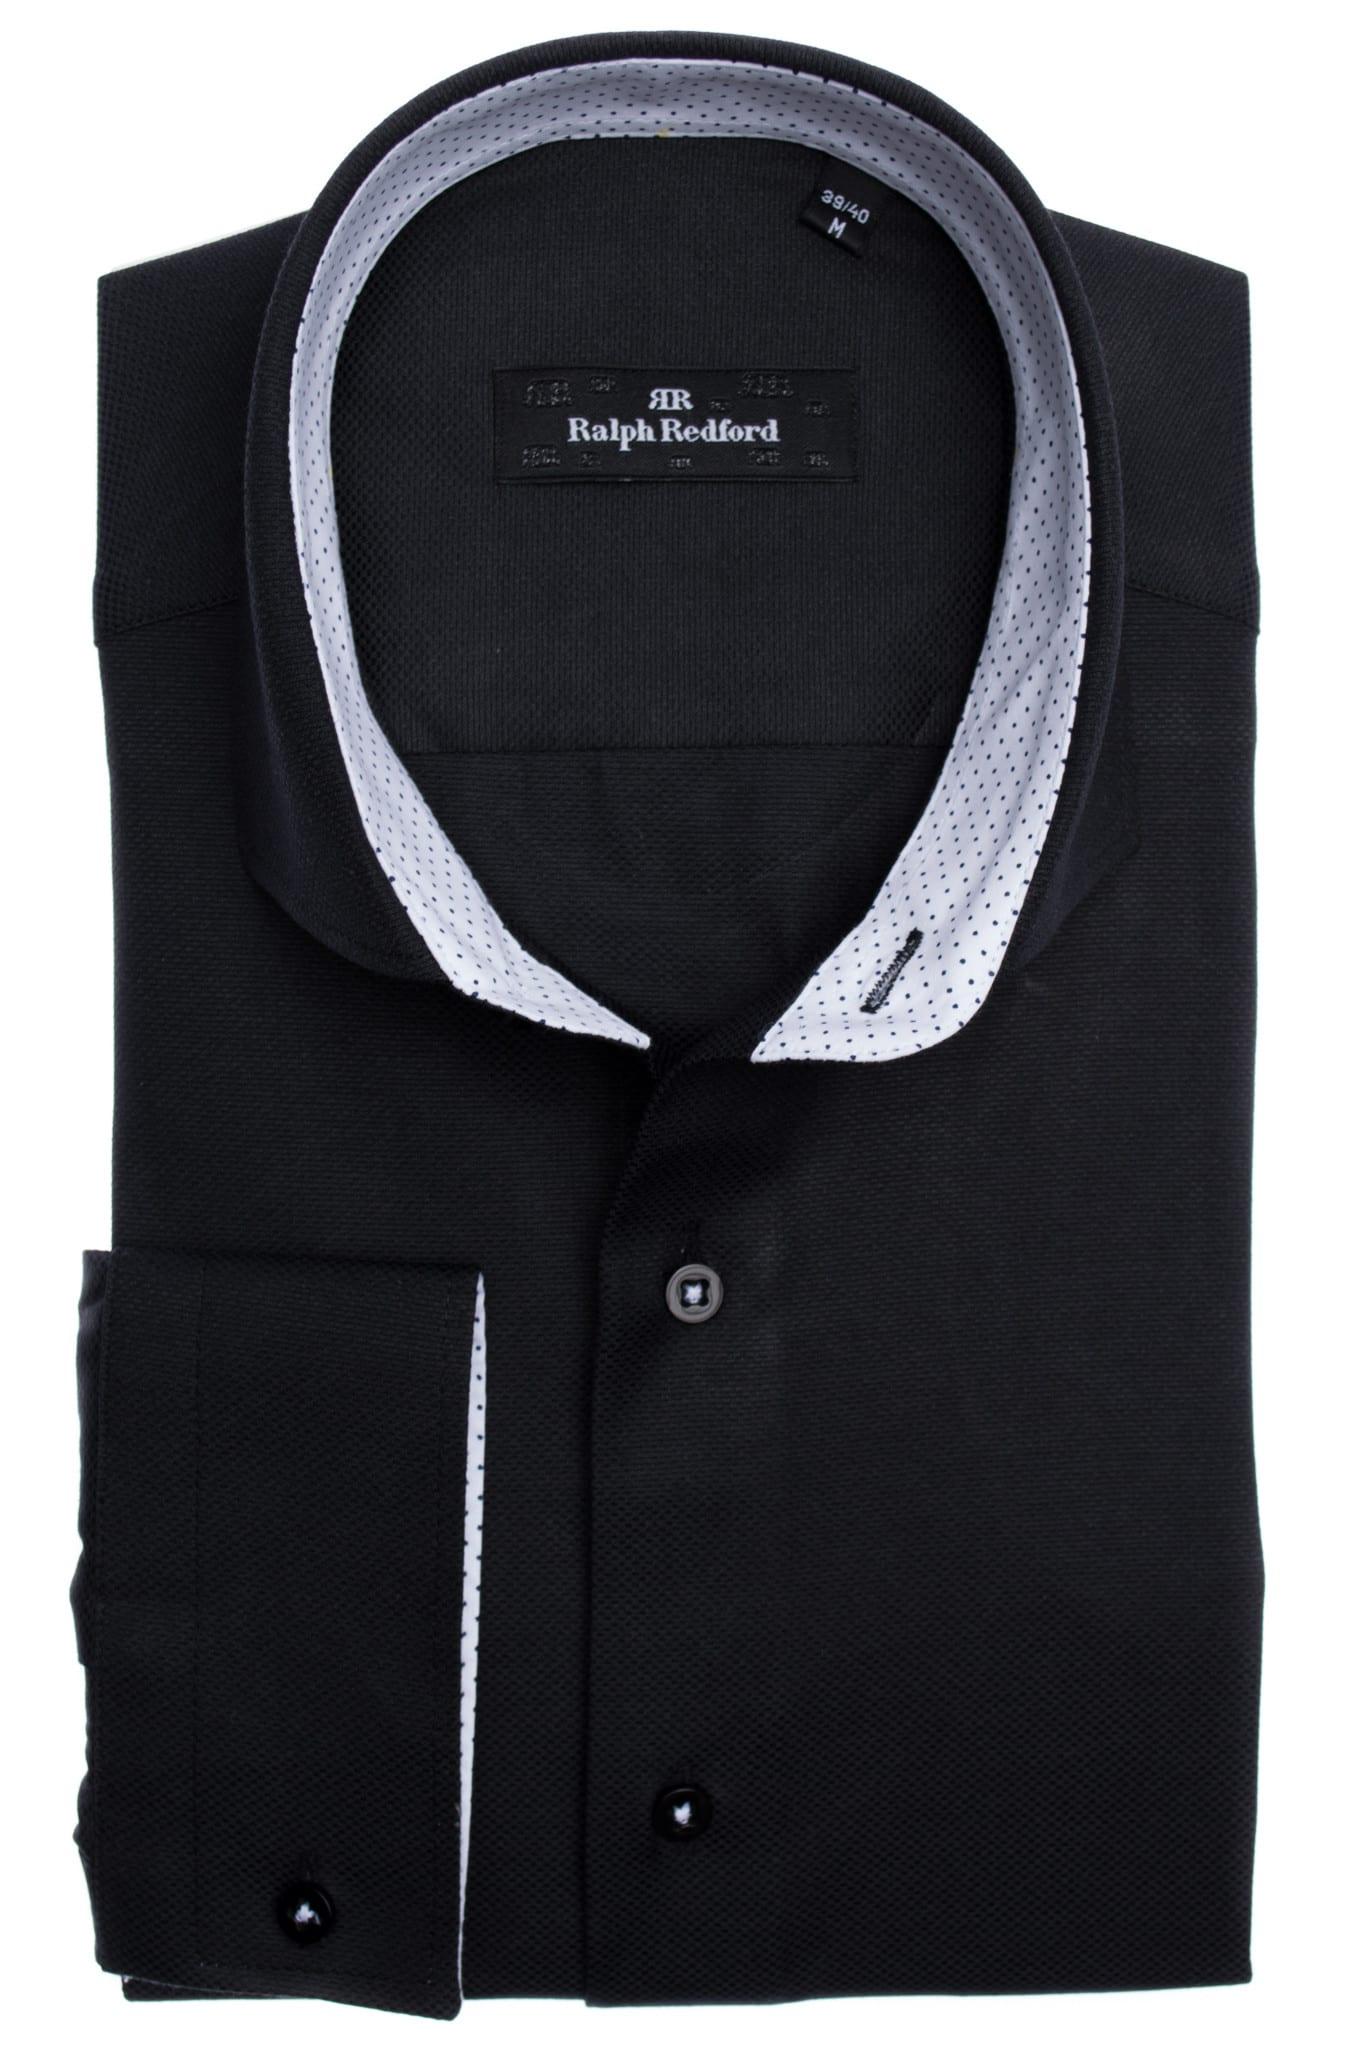 3a840320b9 Ralph Redford Fekete Ing - Elite Fashion Öltönyház